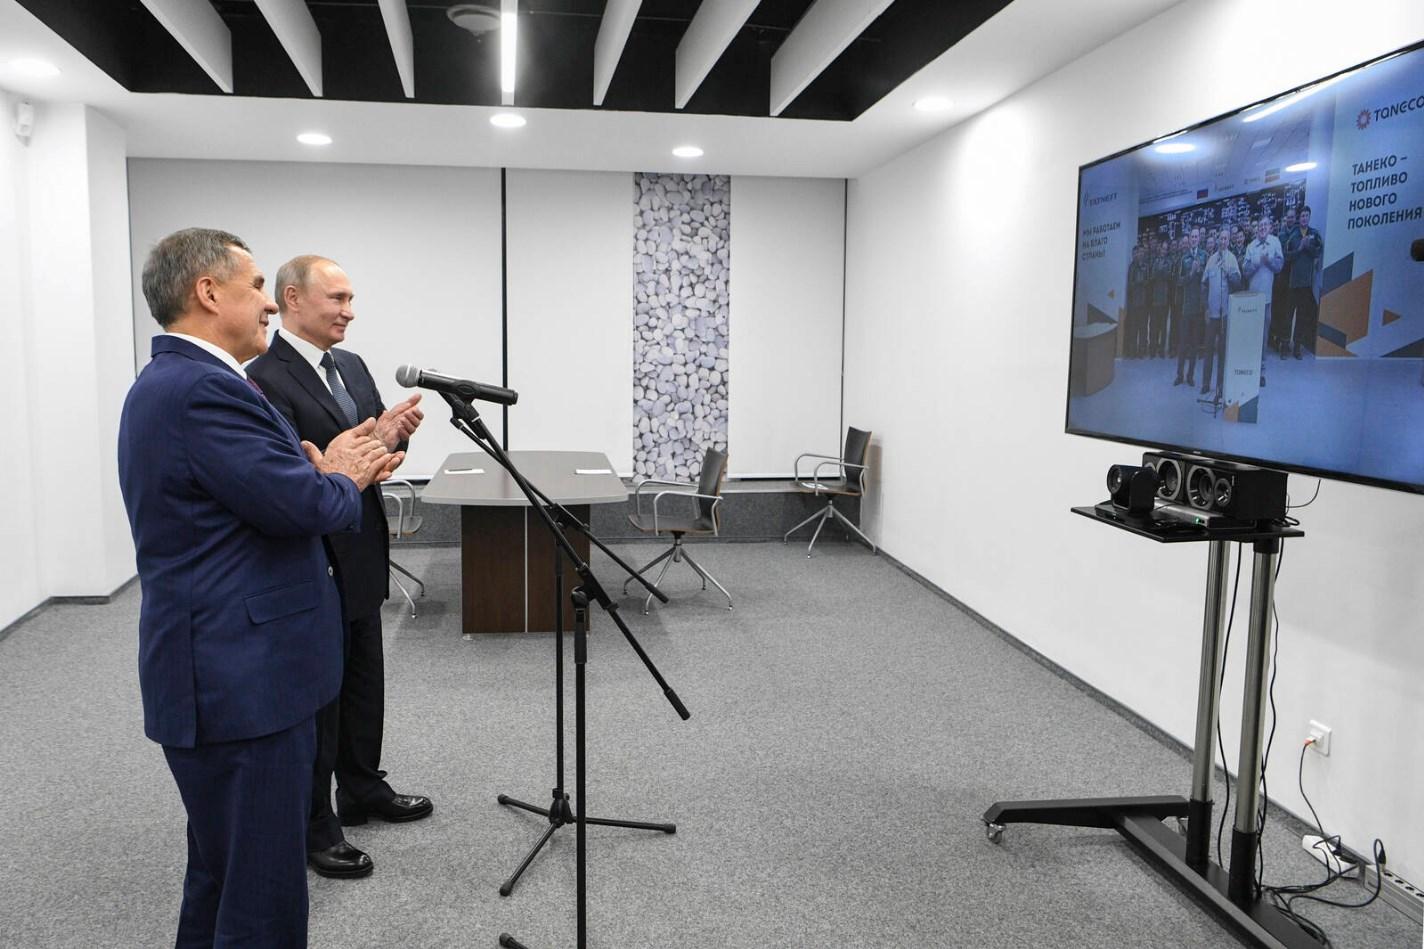 Фото: Марат Хусаинов, пресс-служба президента РТ